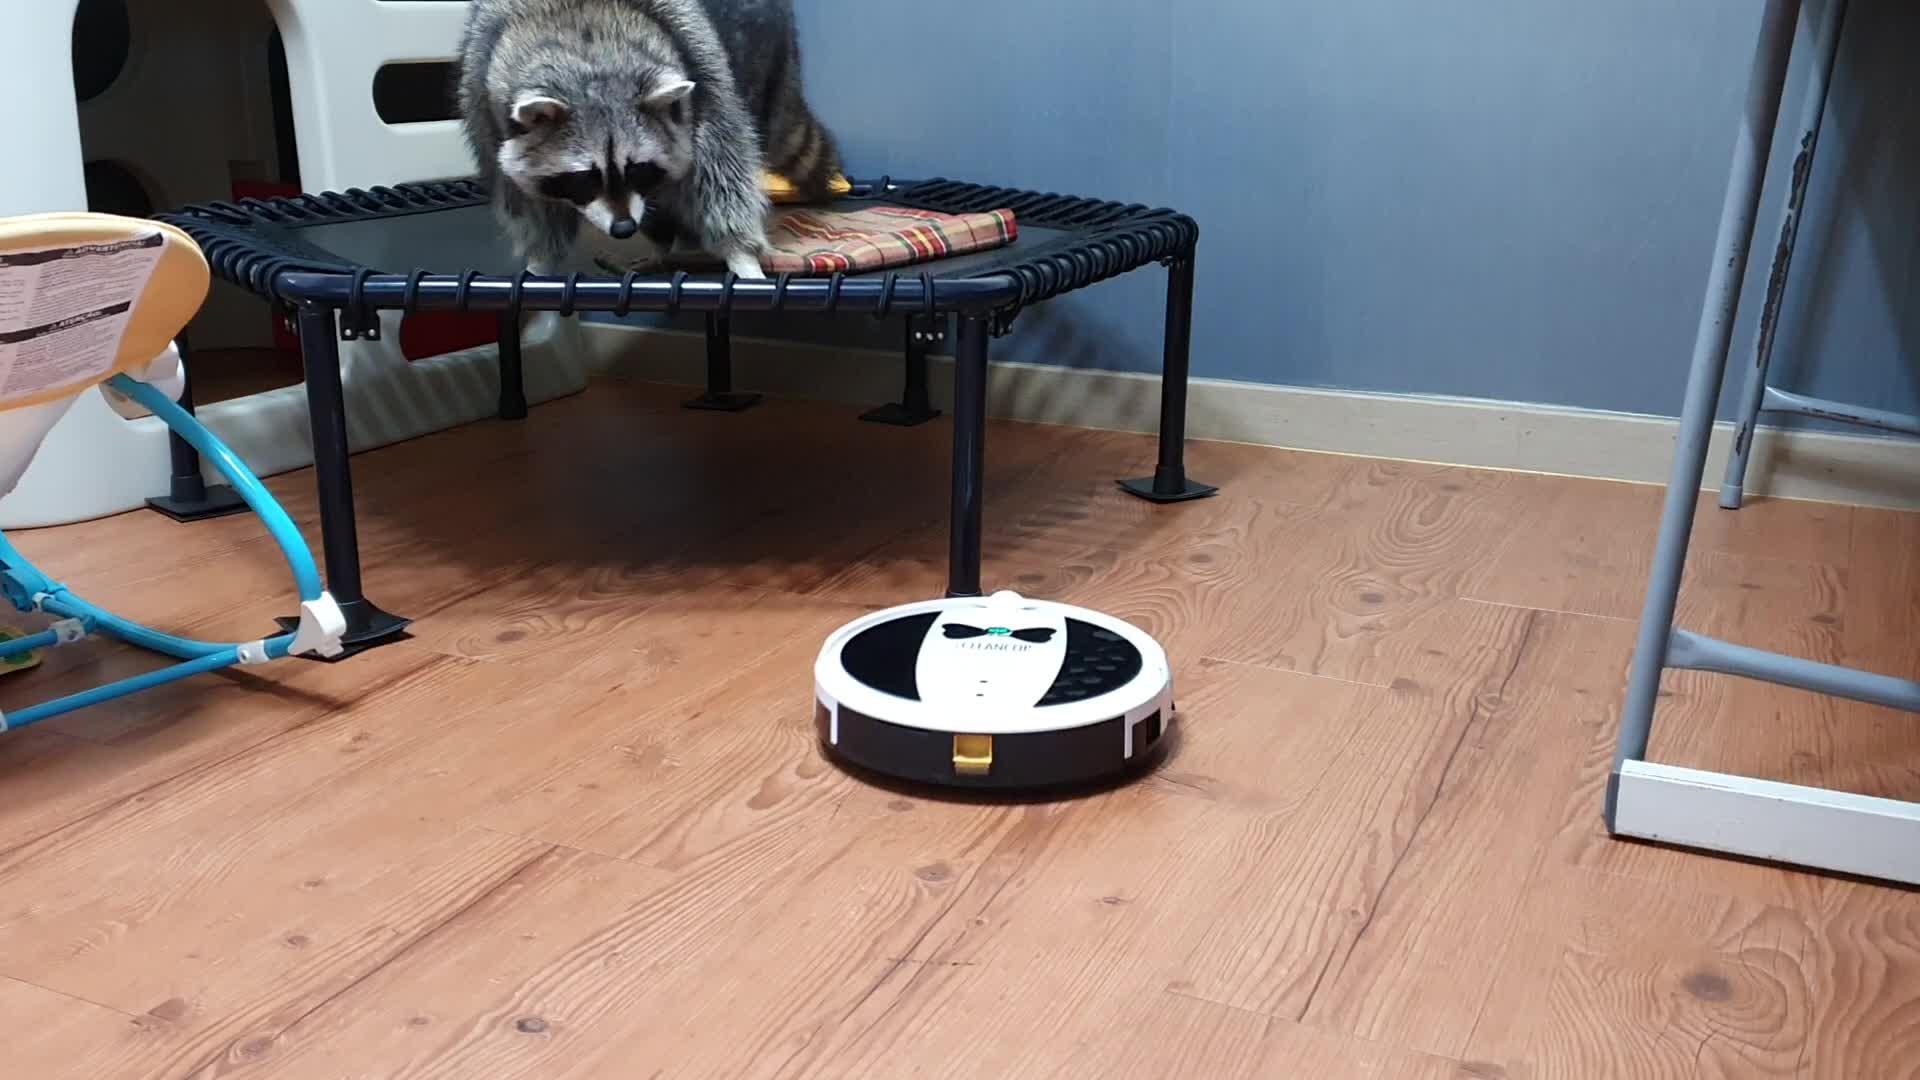 ca.news.yahoo.com: Raccoon unsure of robot vacuum, flees in terror